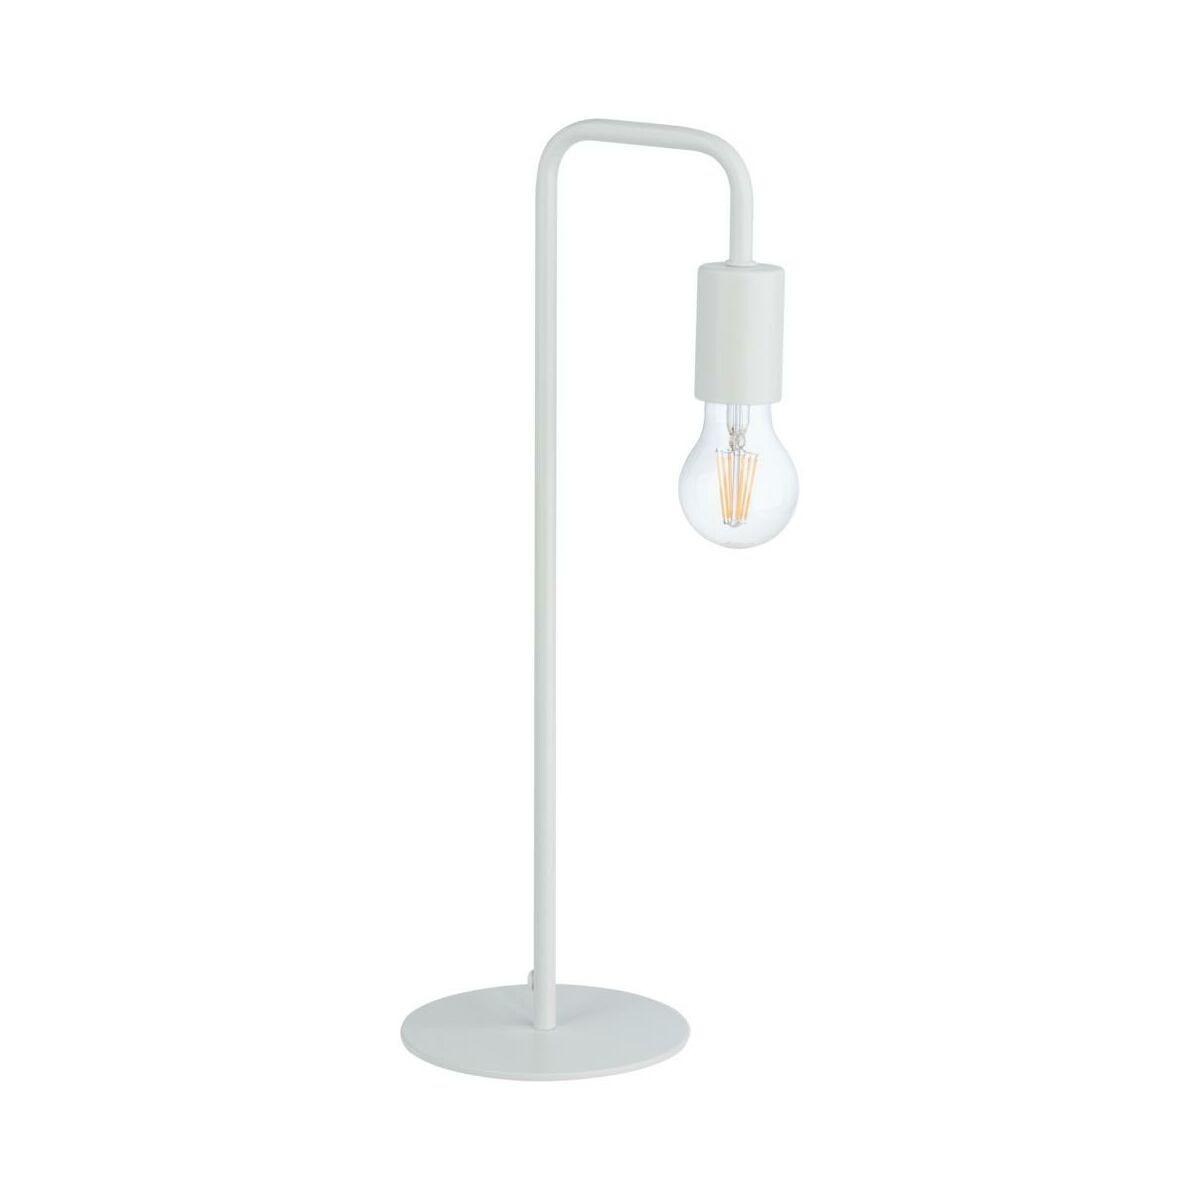 Lampa Stolowa Lana 60w E27 Biala Inspire Lampy Stolowe W